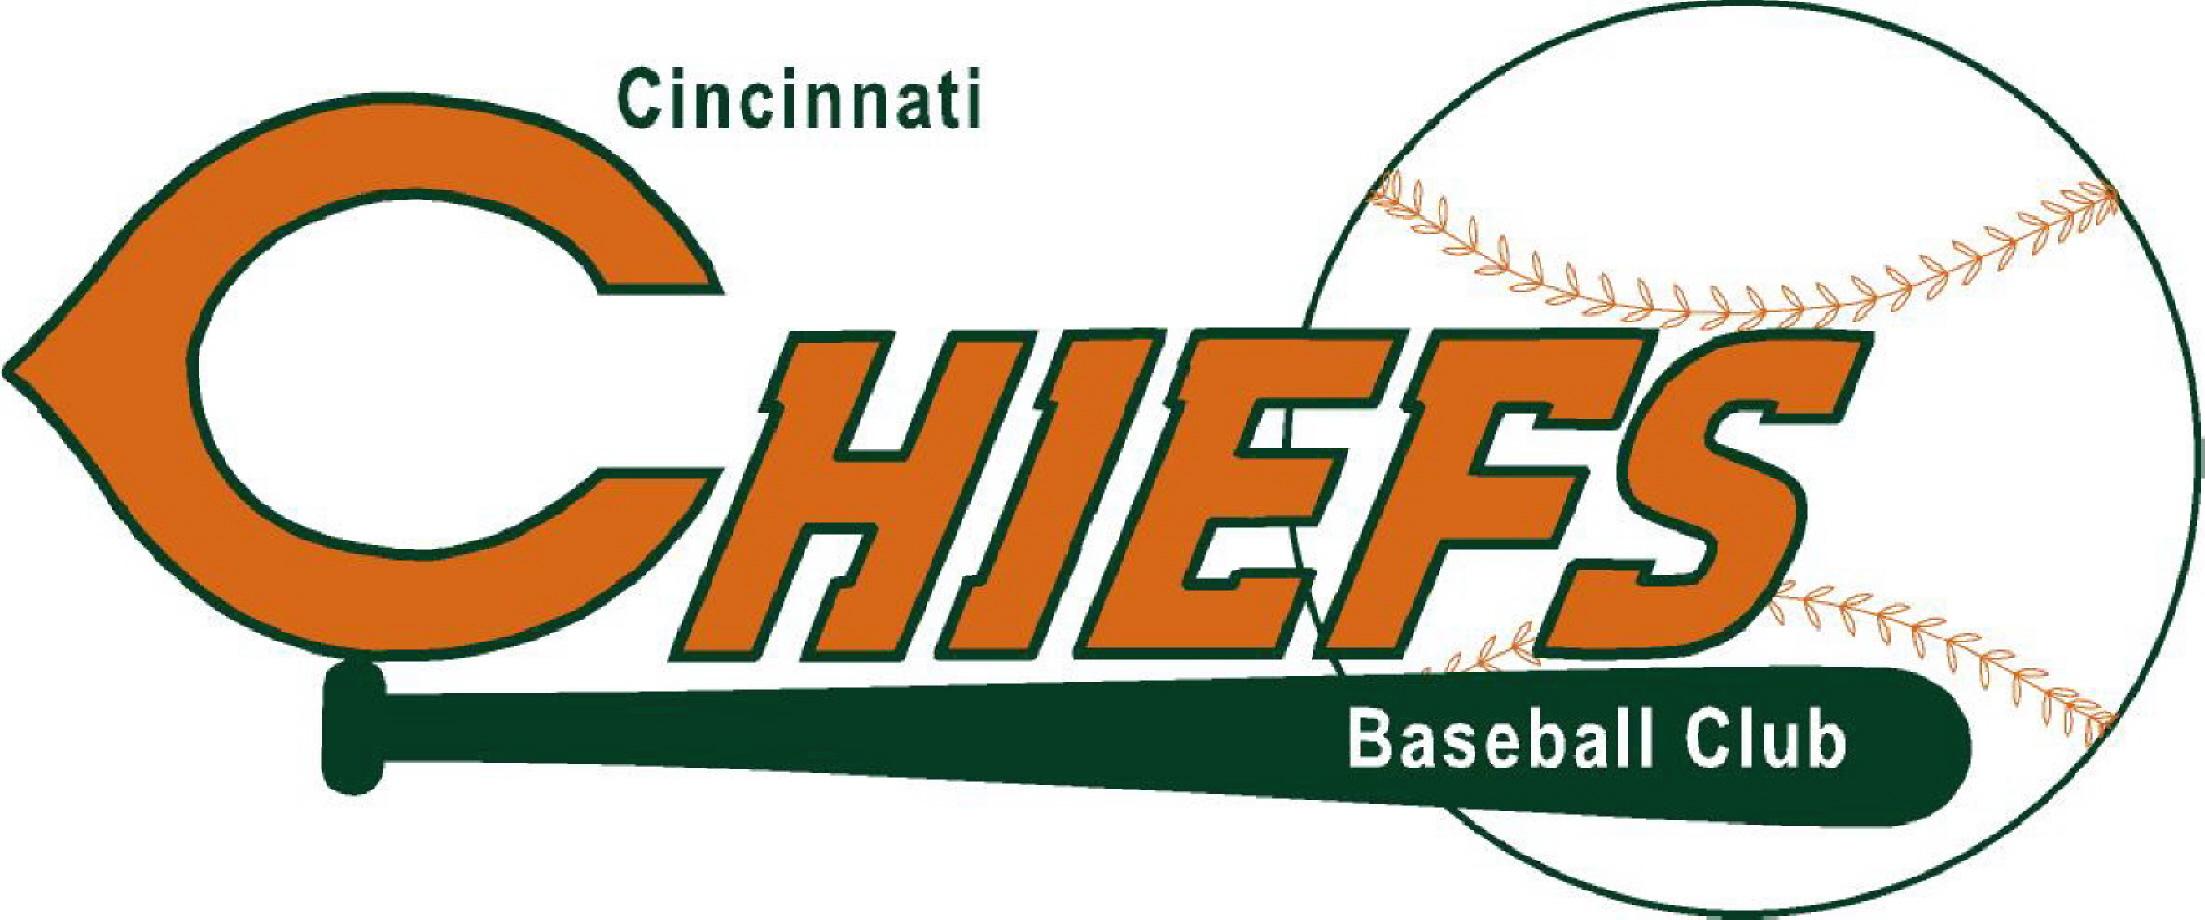 Cincinnati Chiefs